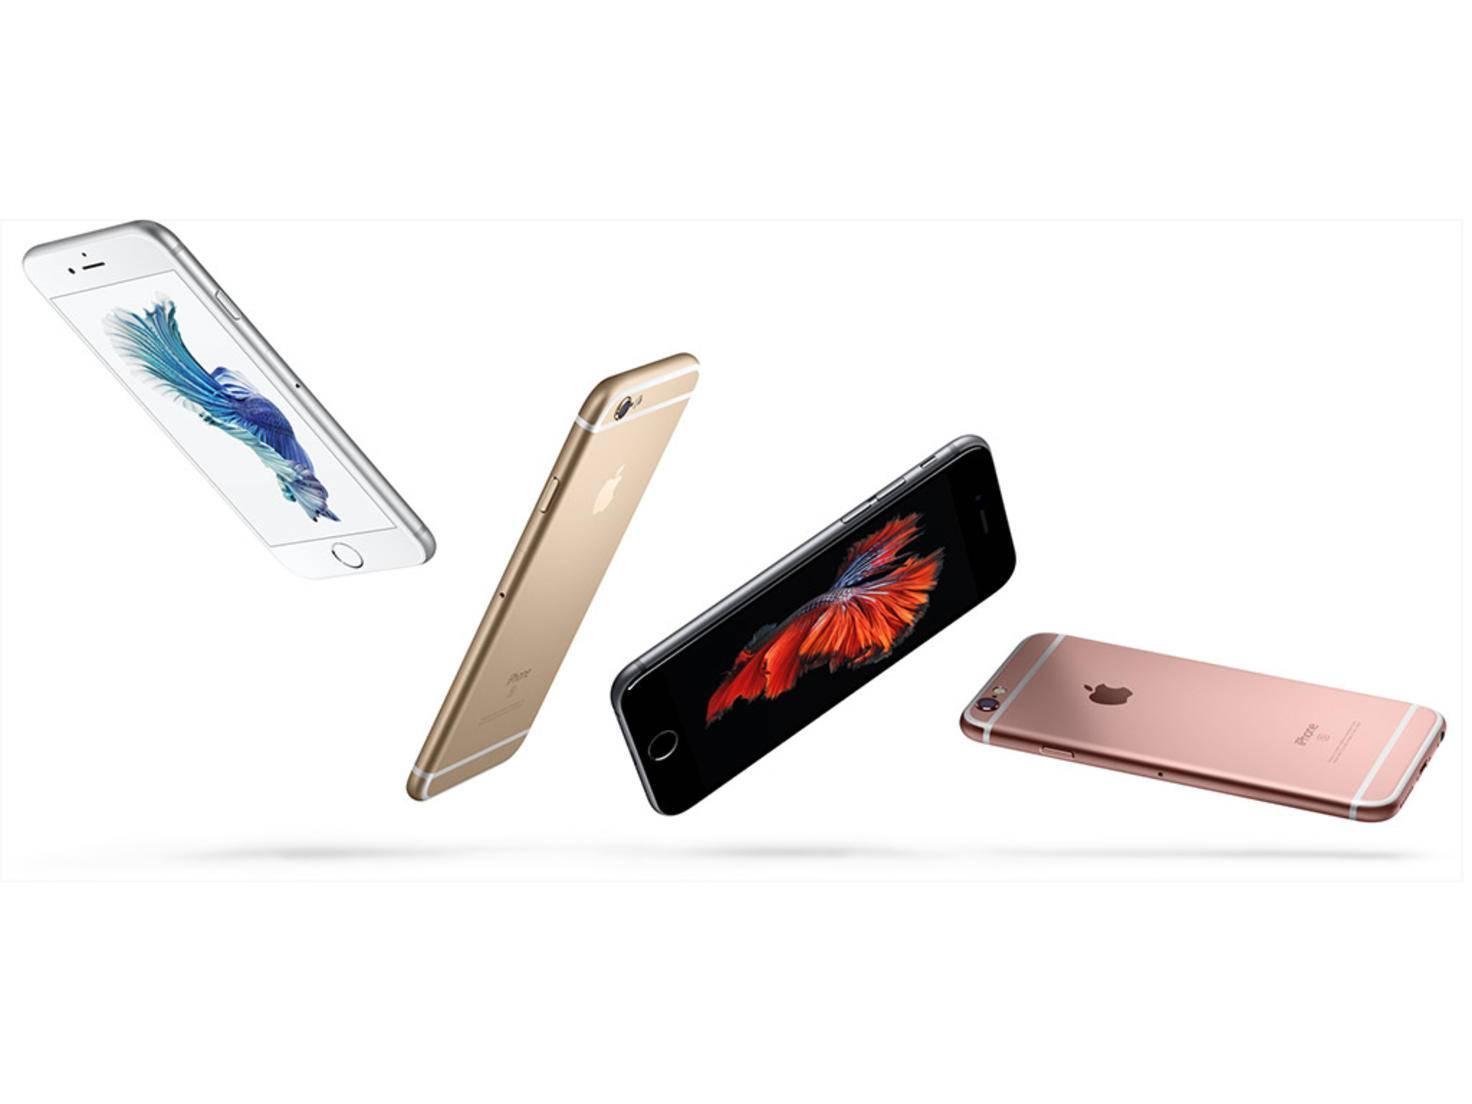 iPhone6s-iPhone6sPlus